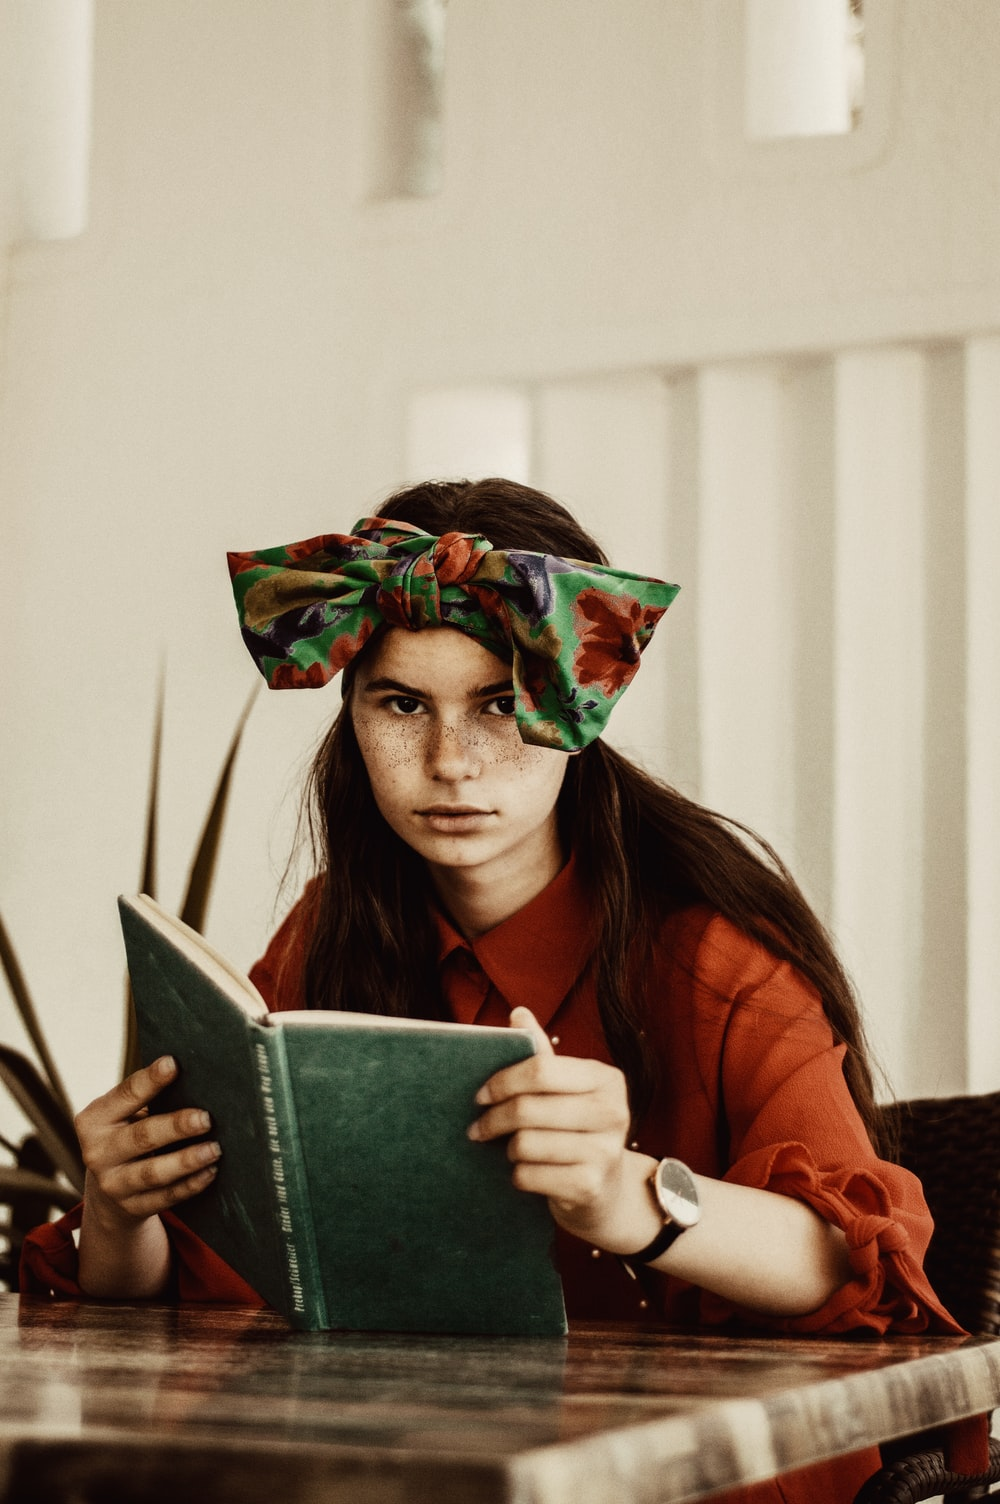 woman holding an open book